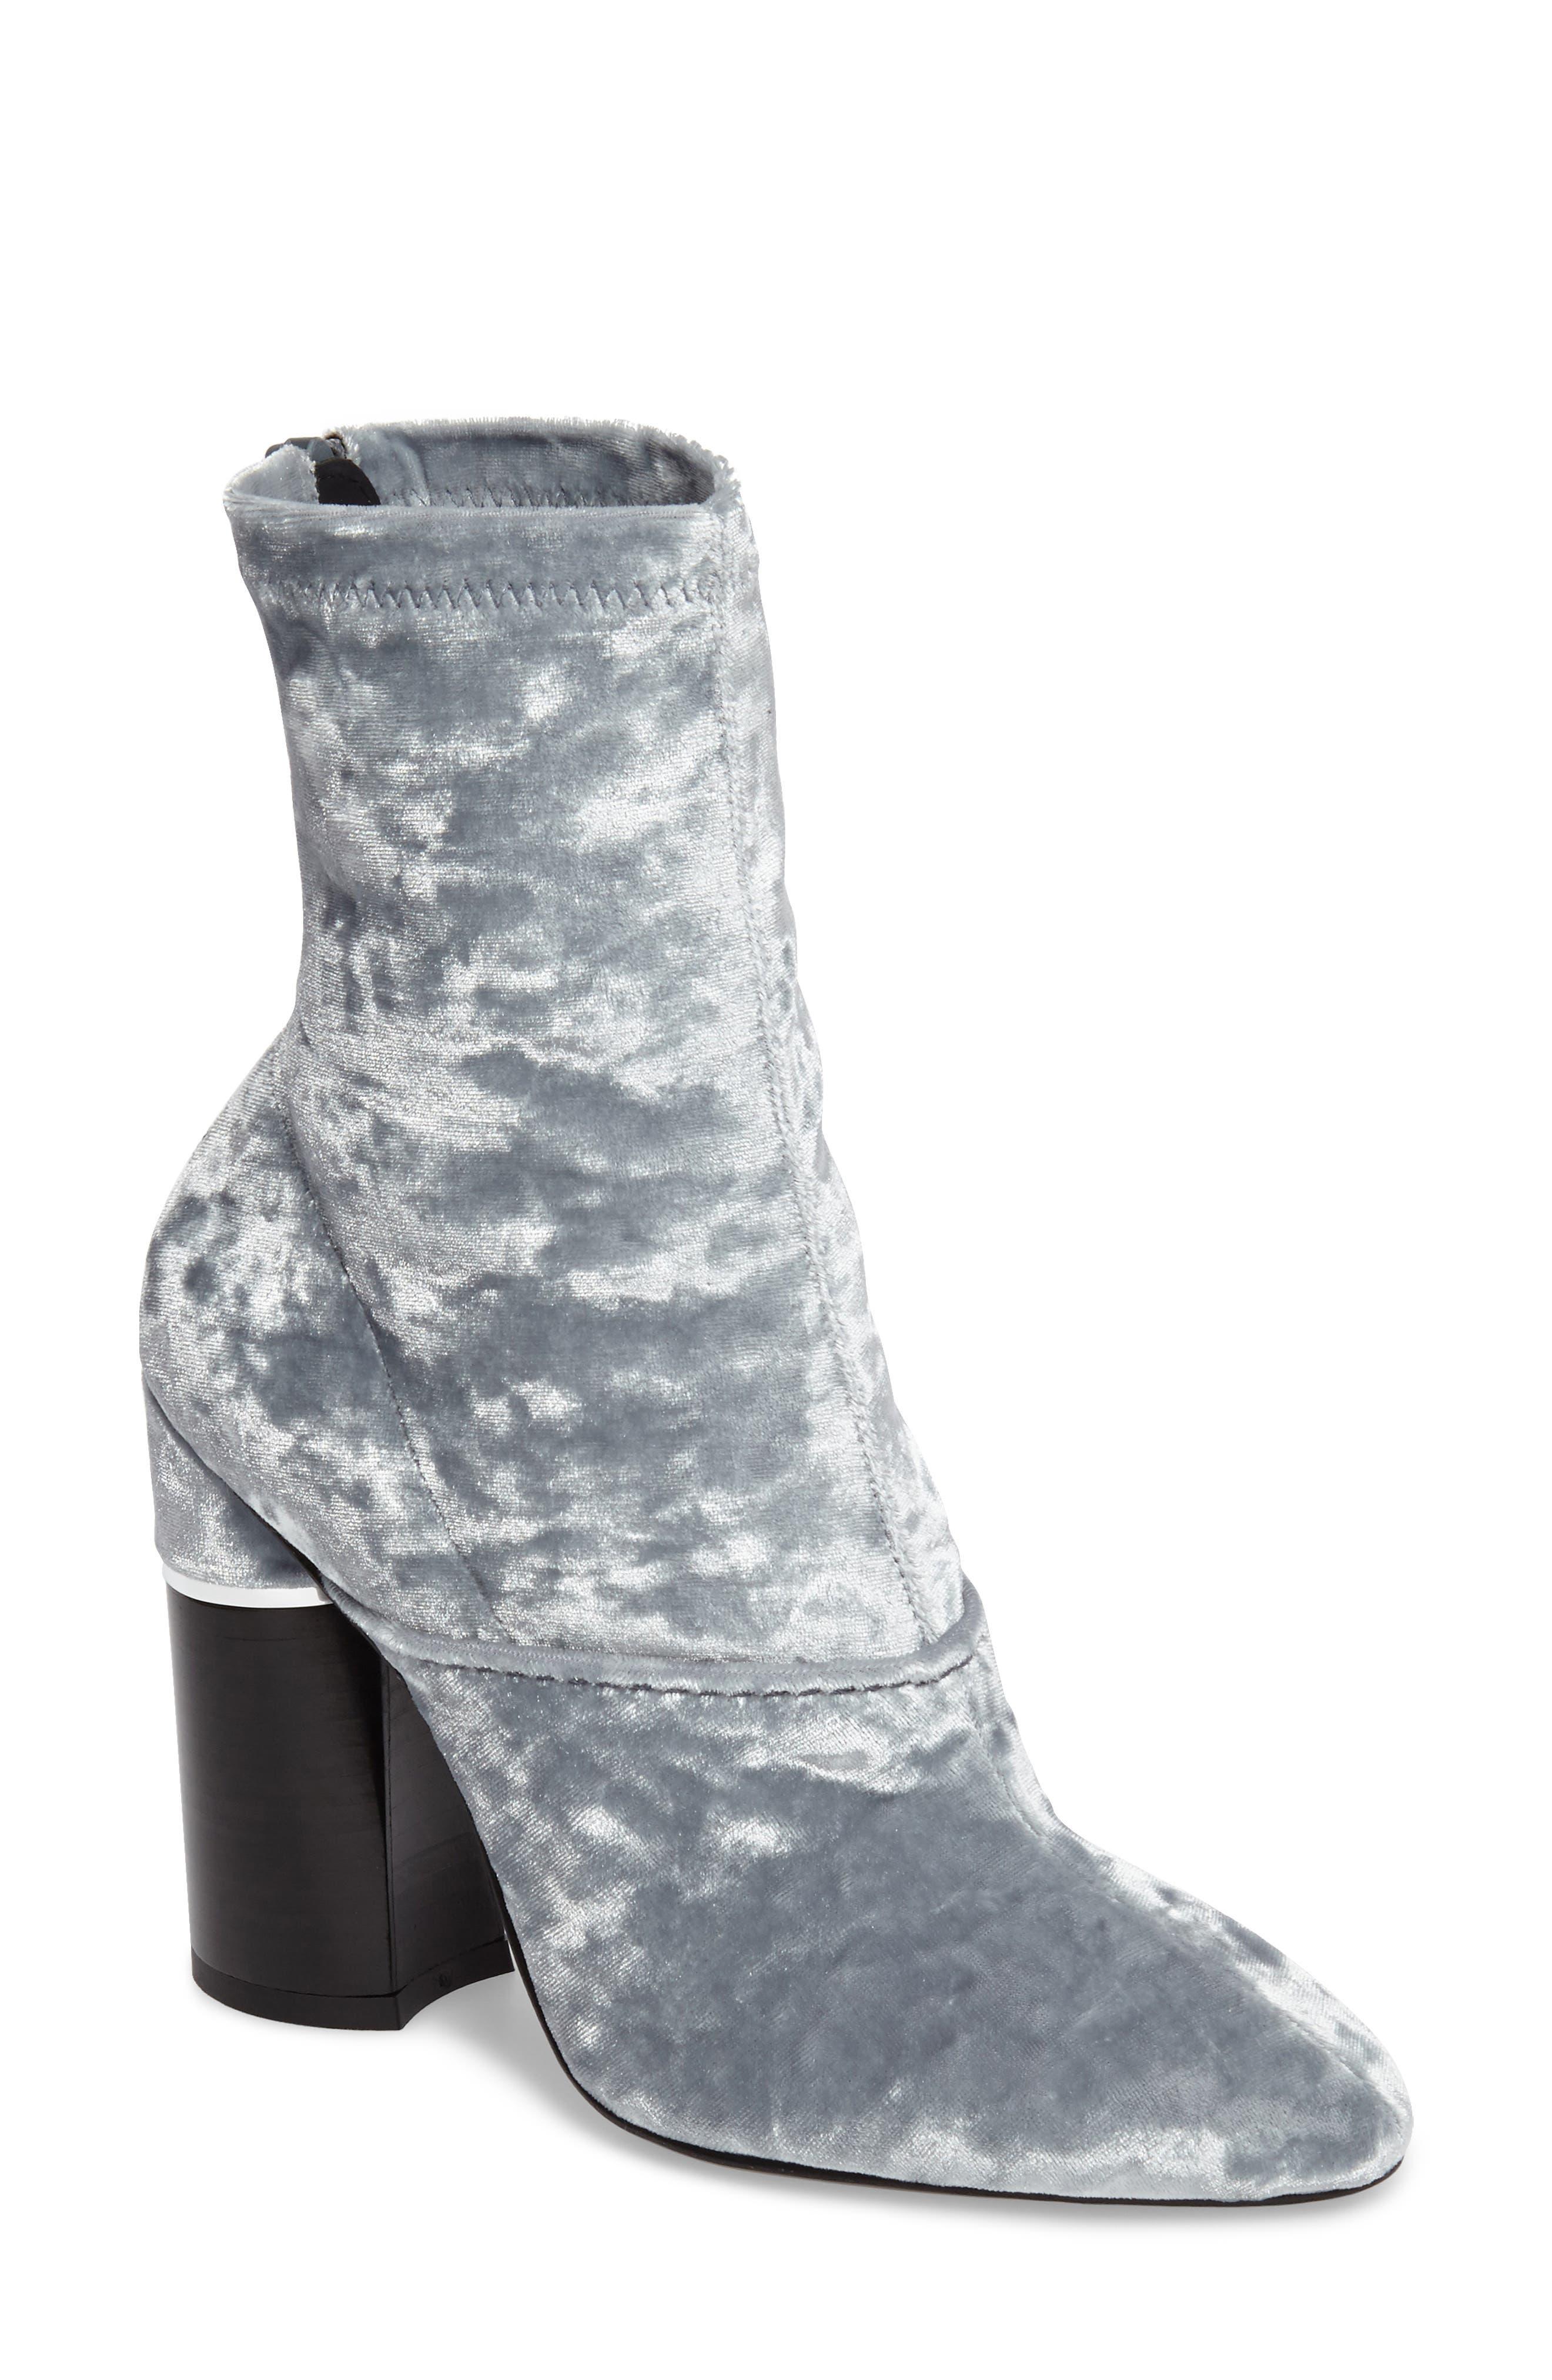 3.1 Phillip Lim 'Kyoto' Crushed Velvet Boot (Women)